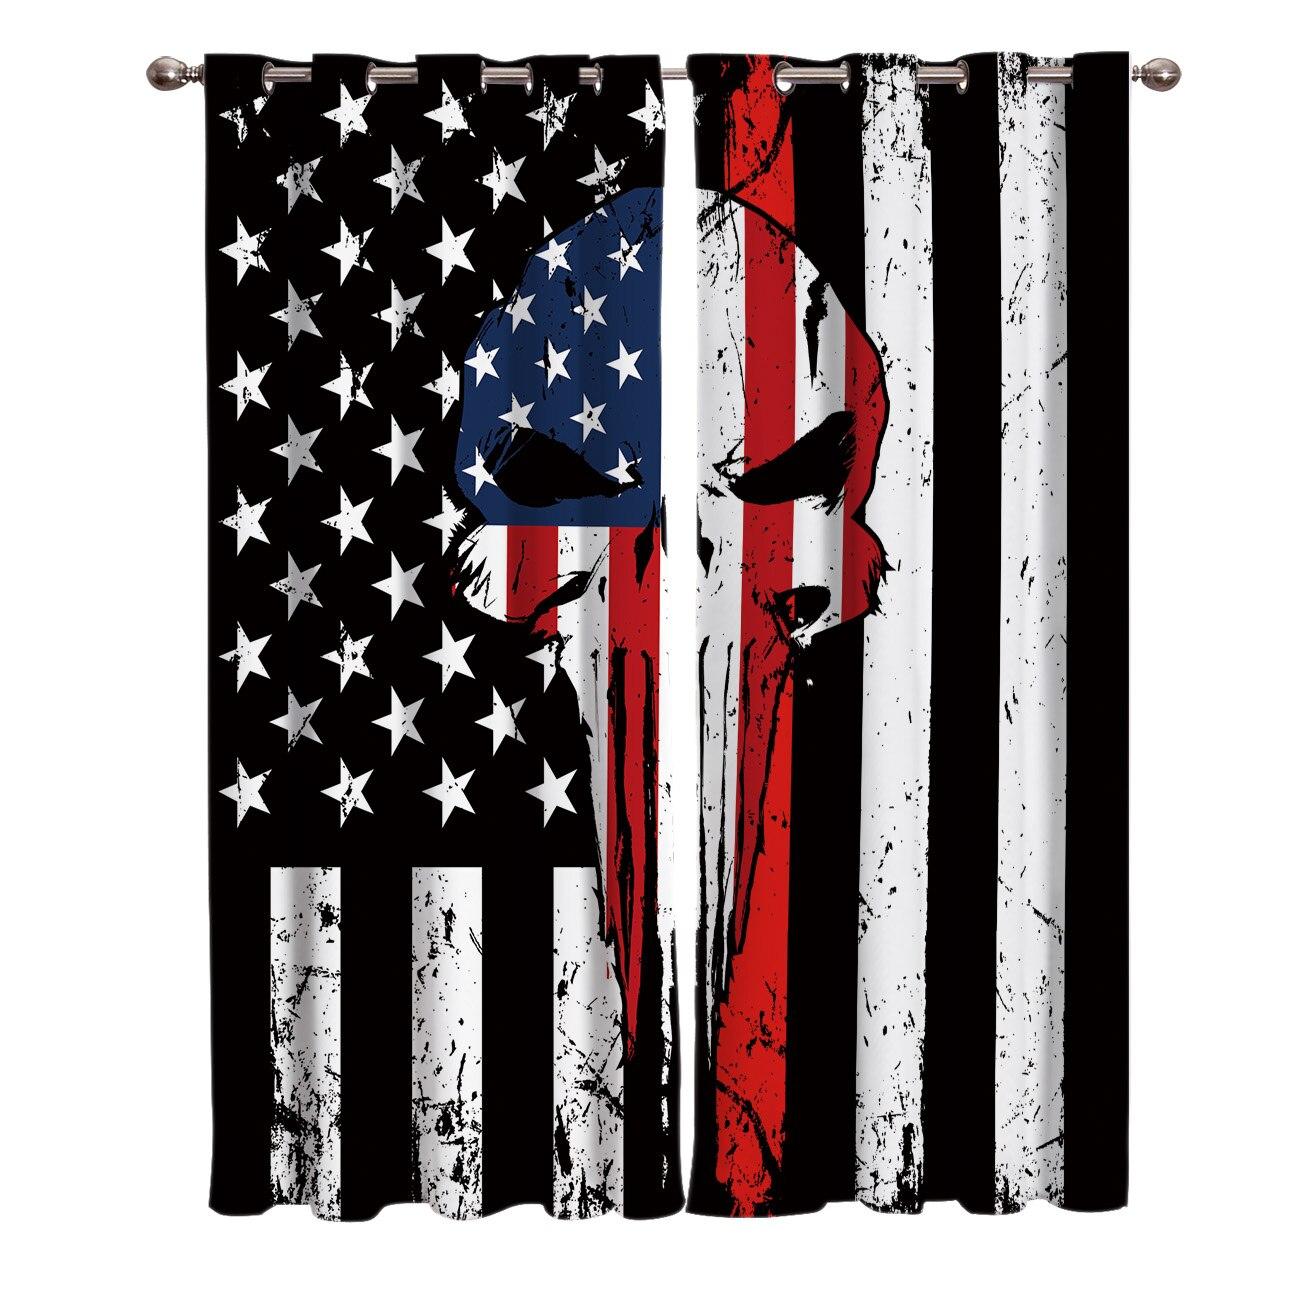 Punisher crânio linha vermelha bandeira americana cortinas do quarto grande janela sala de estar banheiro cozinha quarto interior impressão decoração cortina